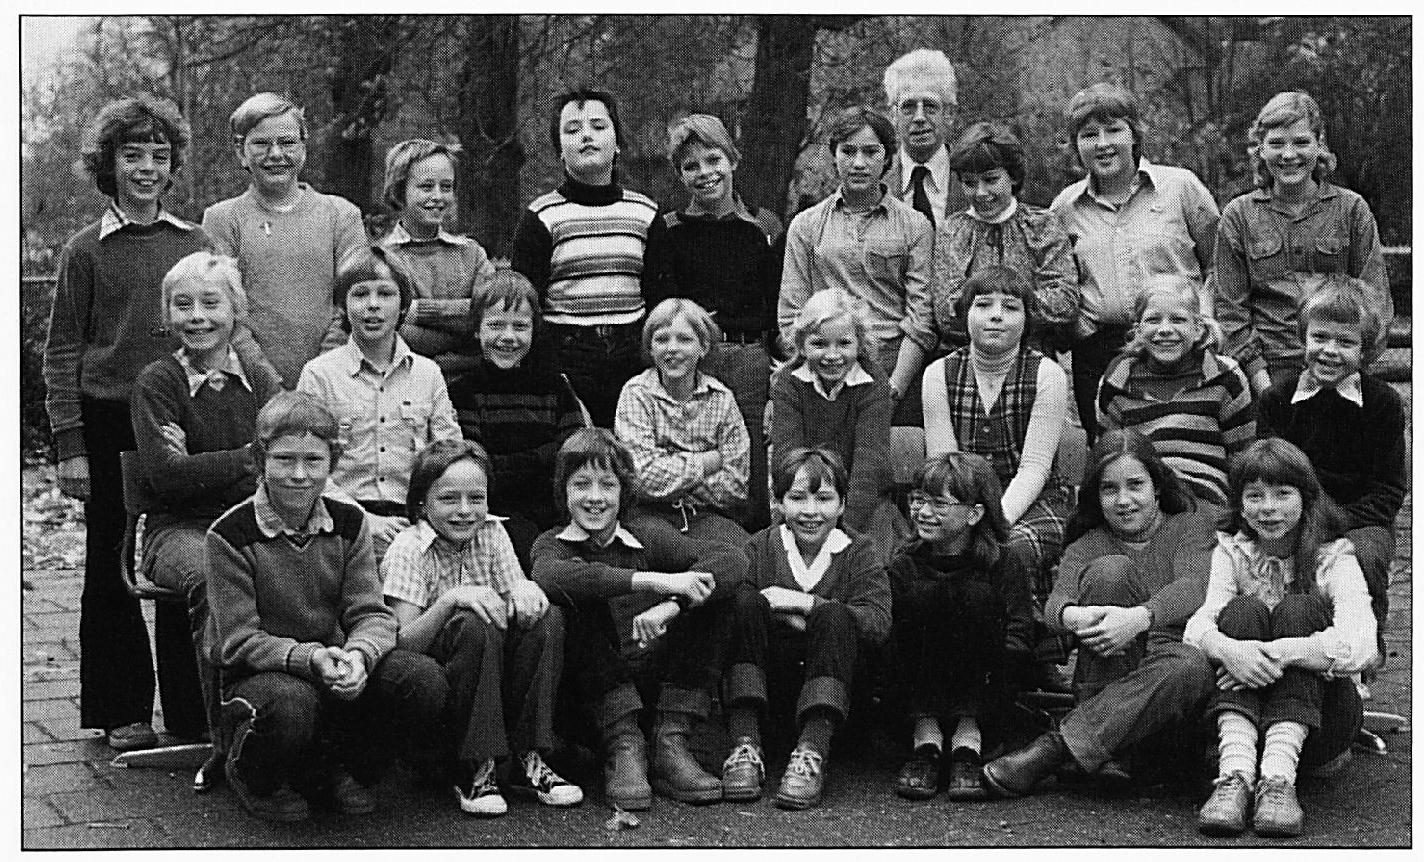 Schoolfoto uit 1979. Voorste rij v.l.n.r.: René v. Verseveld. Alex Frederiks, W. van Maurik,(?) Verkerk, (?) Beernink, Ingrid Liese, ..... Middelste rij : Bert Staal, Christian Molenaar, Christian Rutjens, Corrie van Ingen, Y. van Ré, (?) Verhoeven, J. van Bemmel, Fr. de Beus. Achterste rij: Johnie van lngen, K. van Ingen, ..... , P. Wijgerse, H. Zegwaard, J. van Verseveld, Meester Uyterlinde, Marion van lngen, S. van lngen, Rian van Beem.